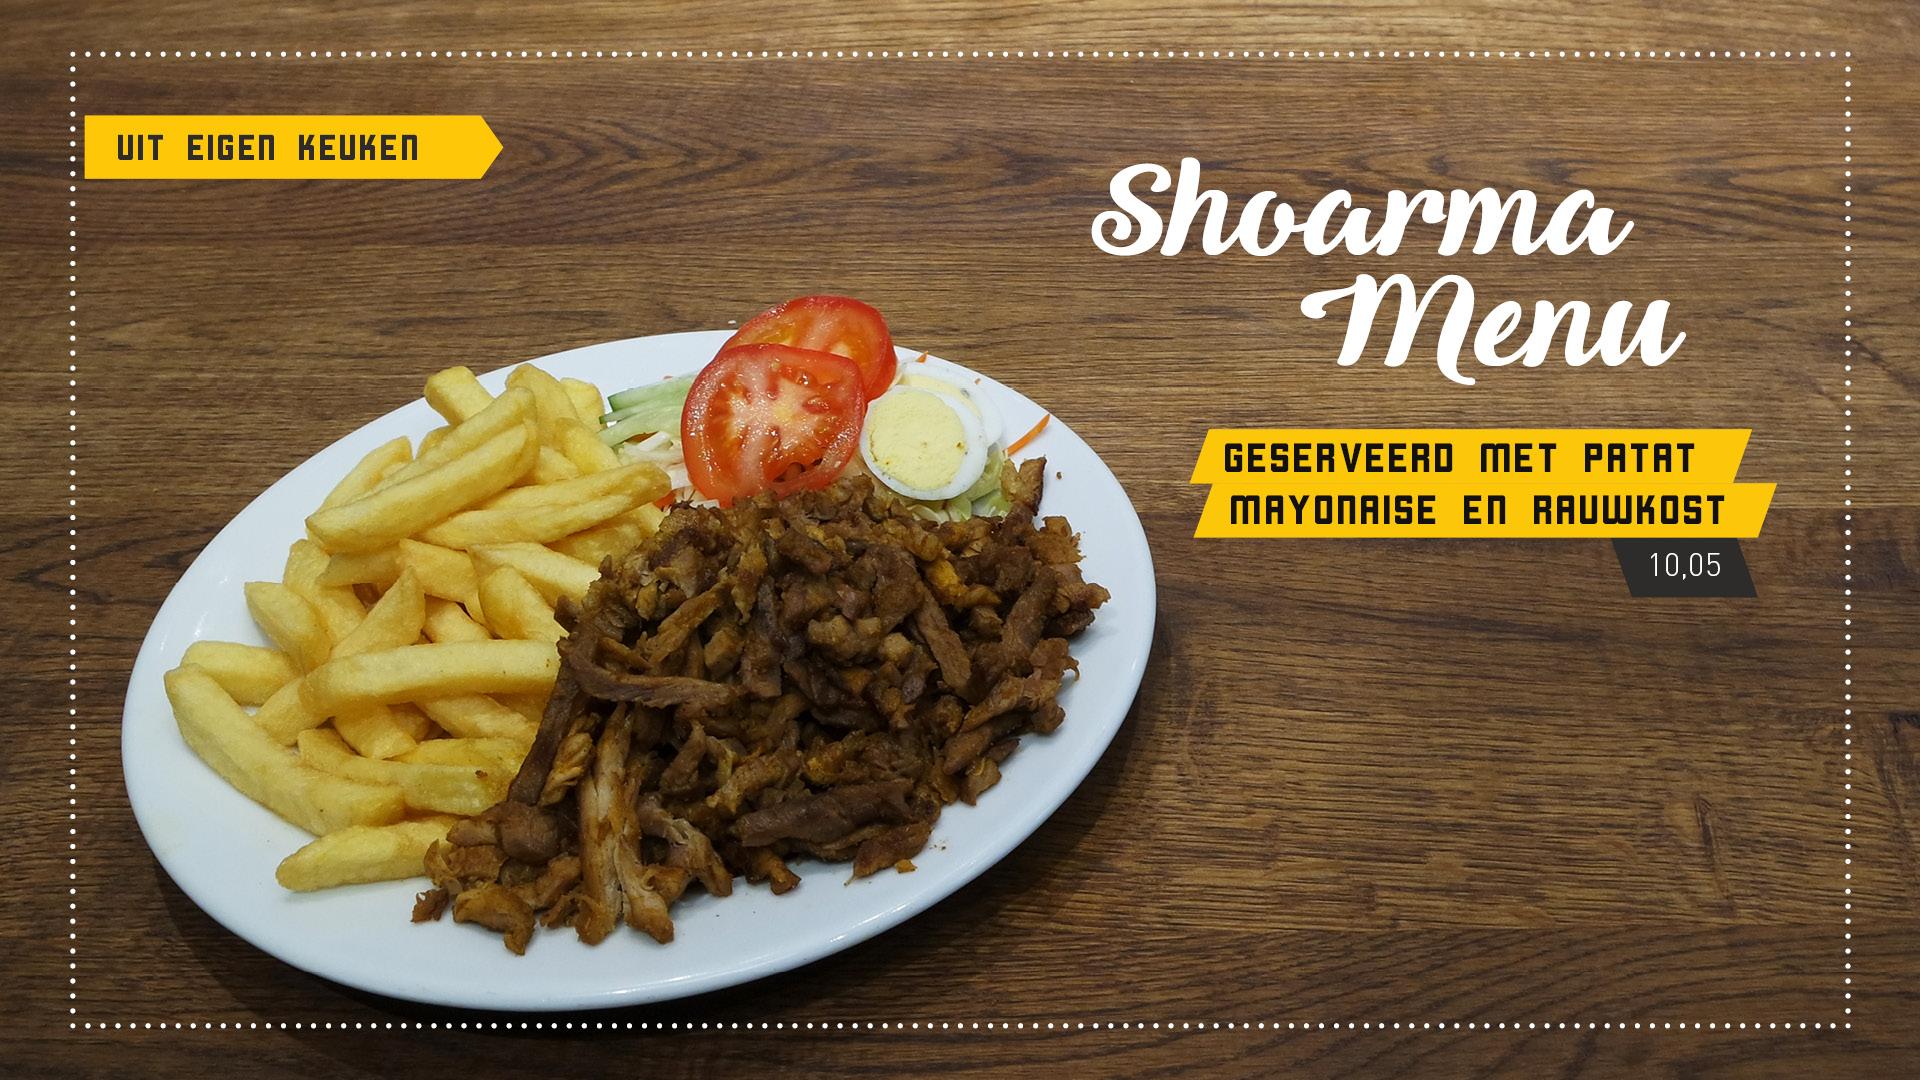 shoarma-menu